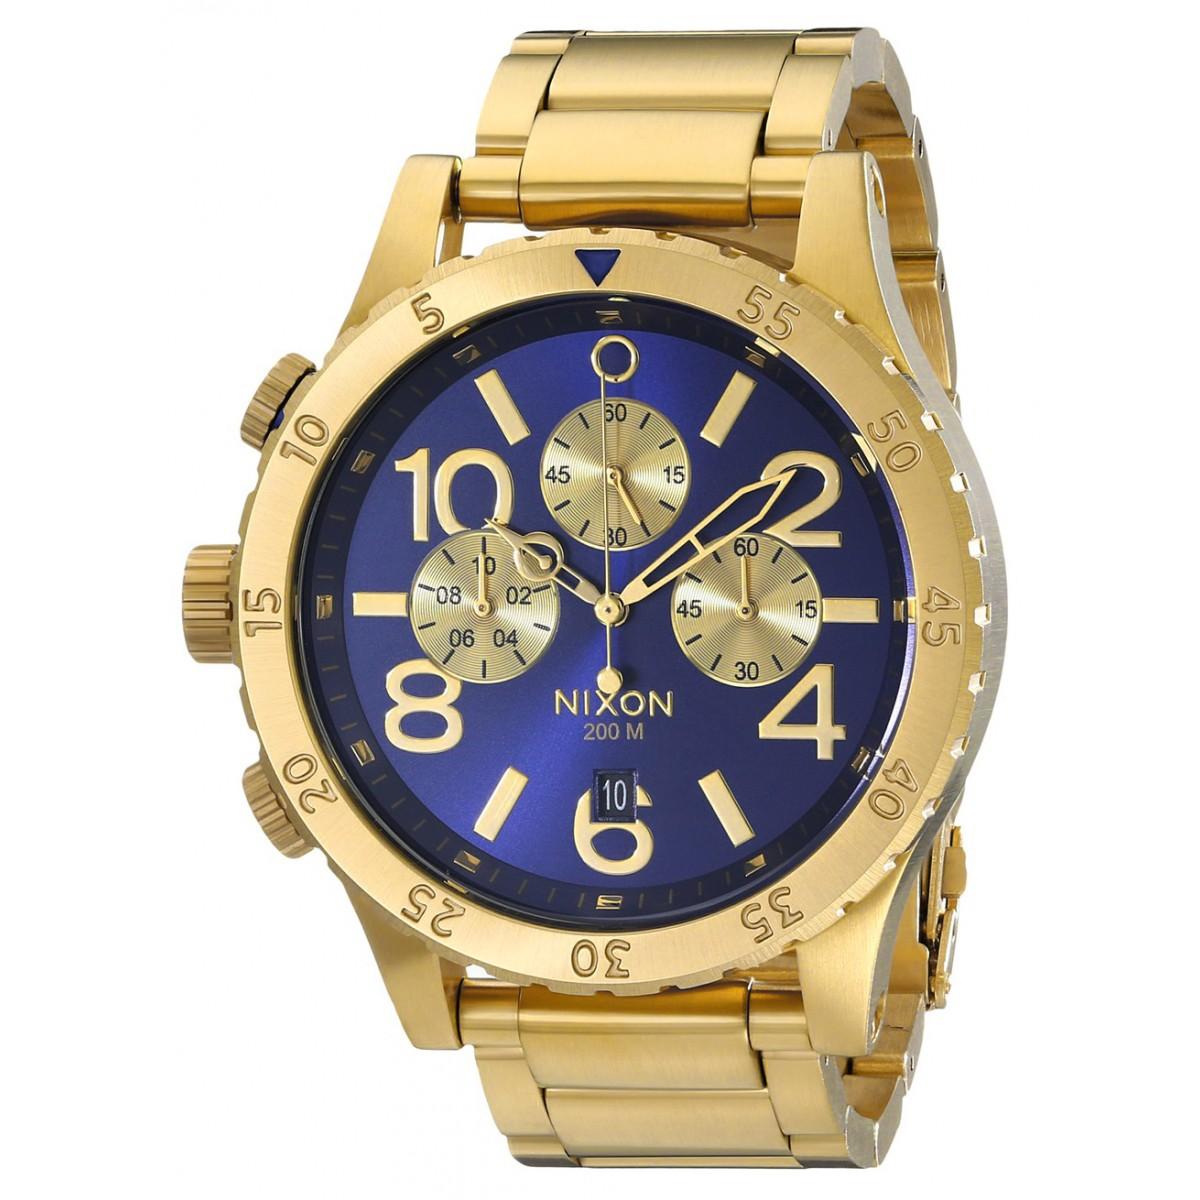 d552c804bc3 Relógio Réplica Nixon 48-20 Chrono Dourado Azul Sunray